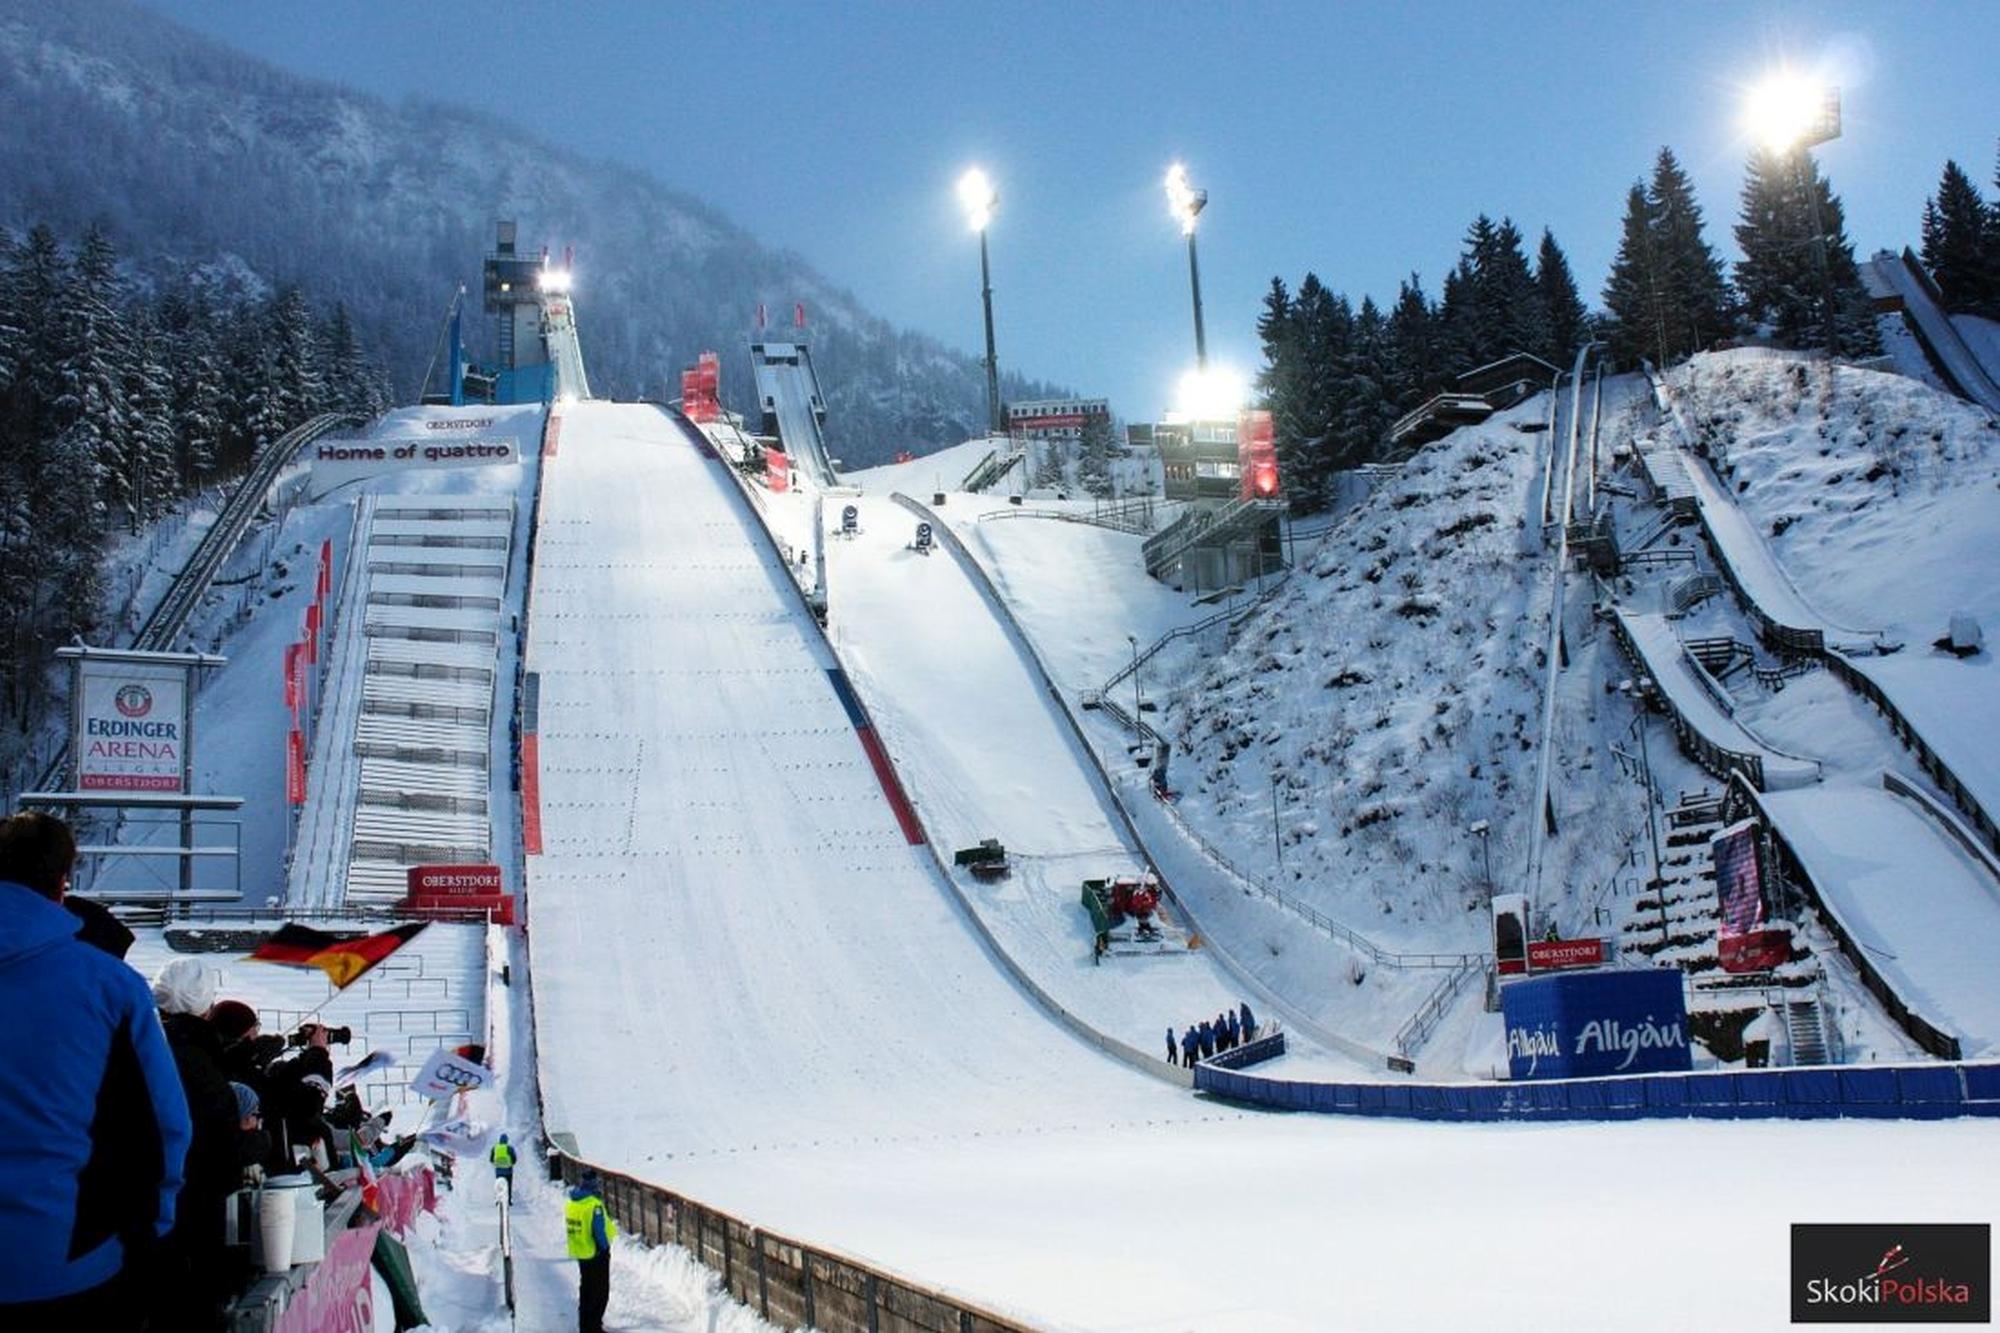 Turniej Czterech Skoczni i Mistrzostwa Świata w Oberstdorfie z udziałem kibiców